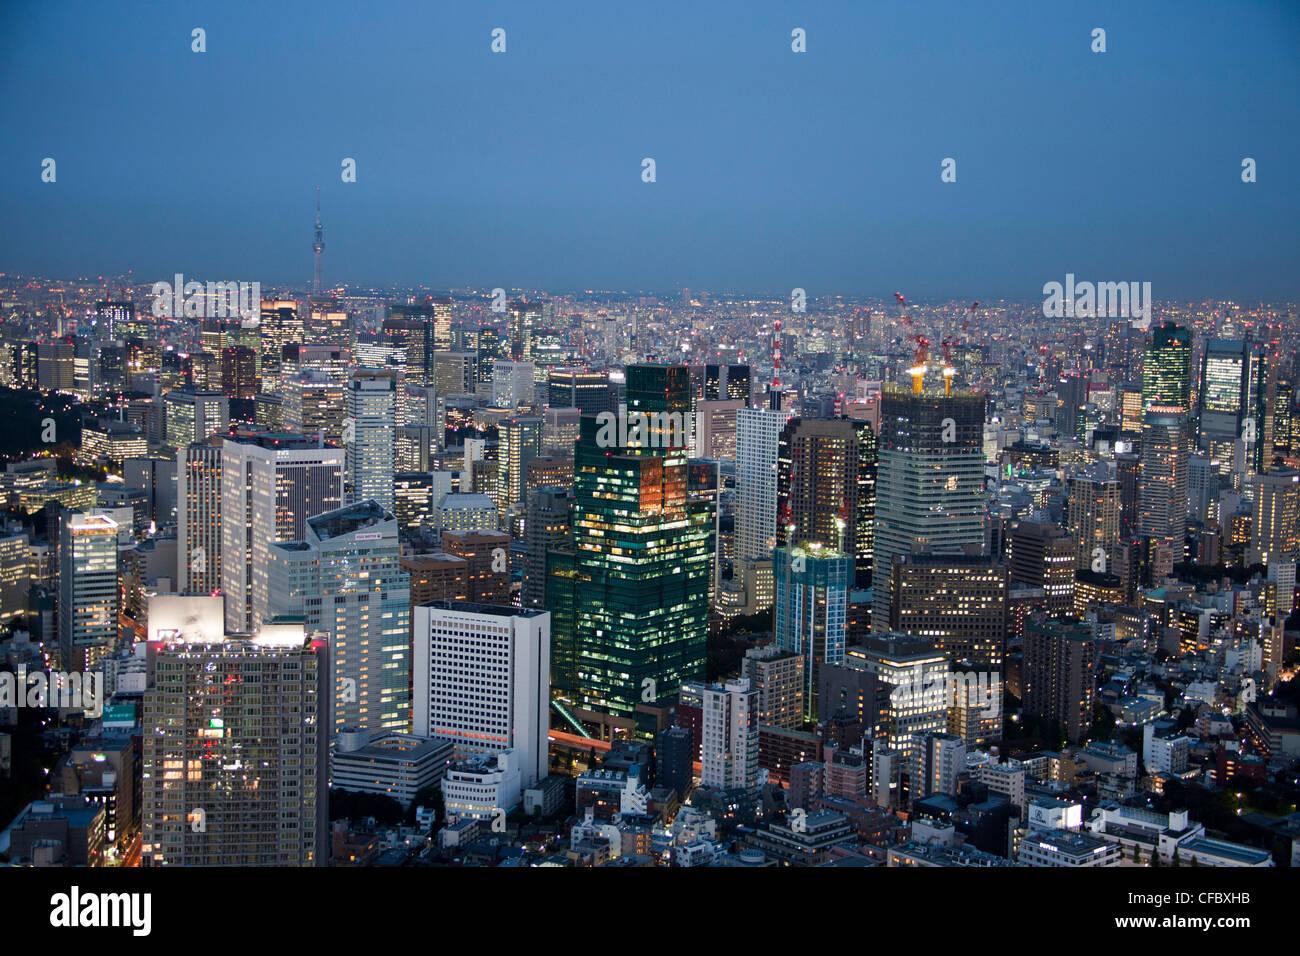 Japón, Asia, Tokio, la ciudad, el Centro de Tokio, la torre Sky Tree, arquitectura, grandes, edificios de la Imagen De Stock